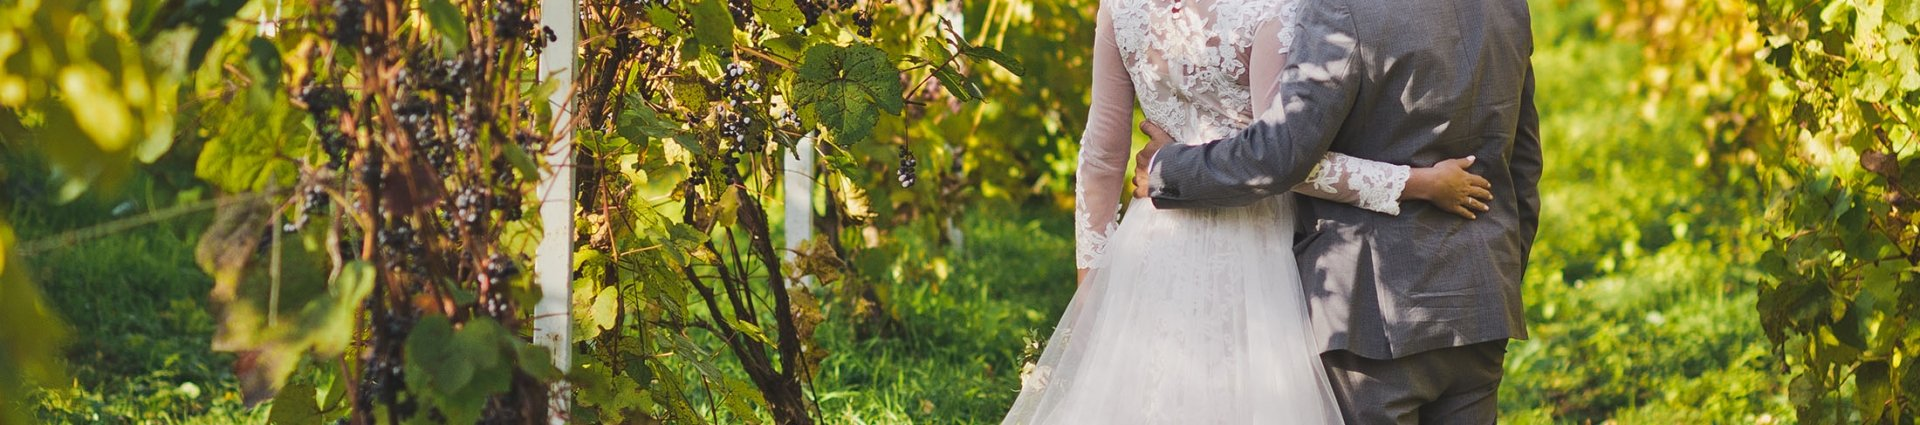 Beautiful young couple walks among the vineyards.